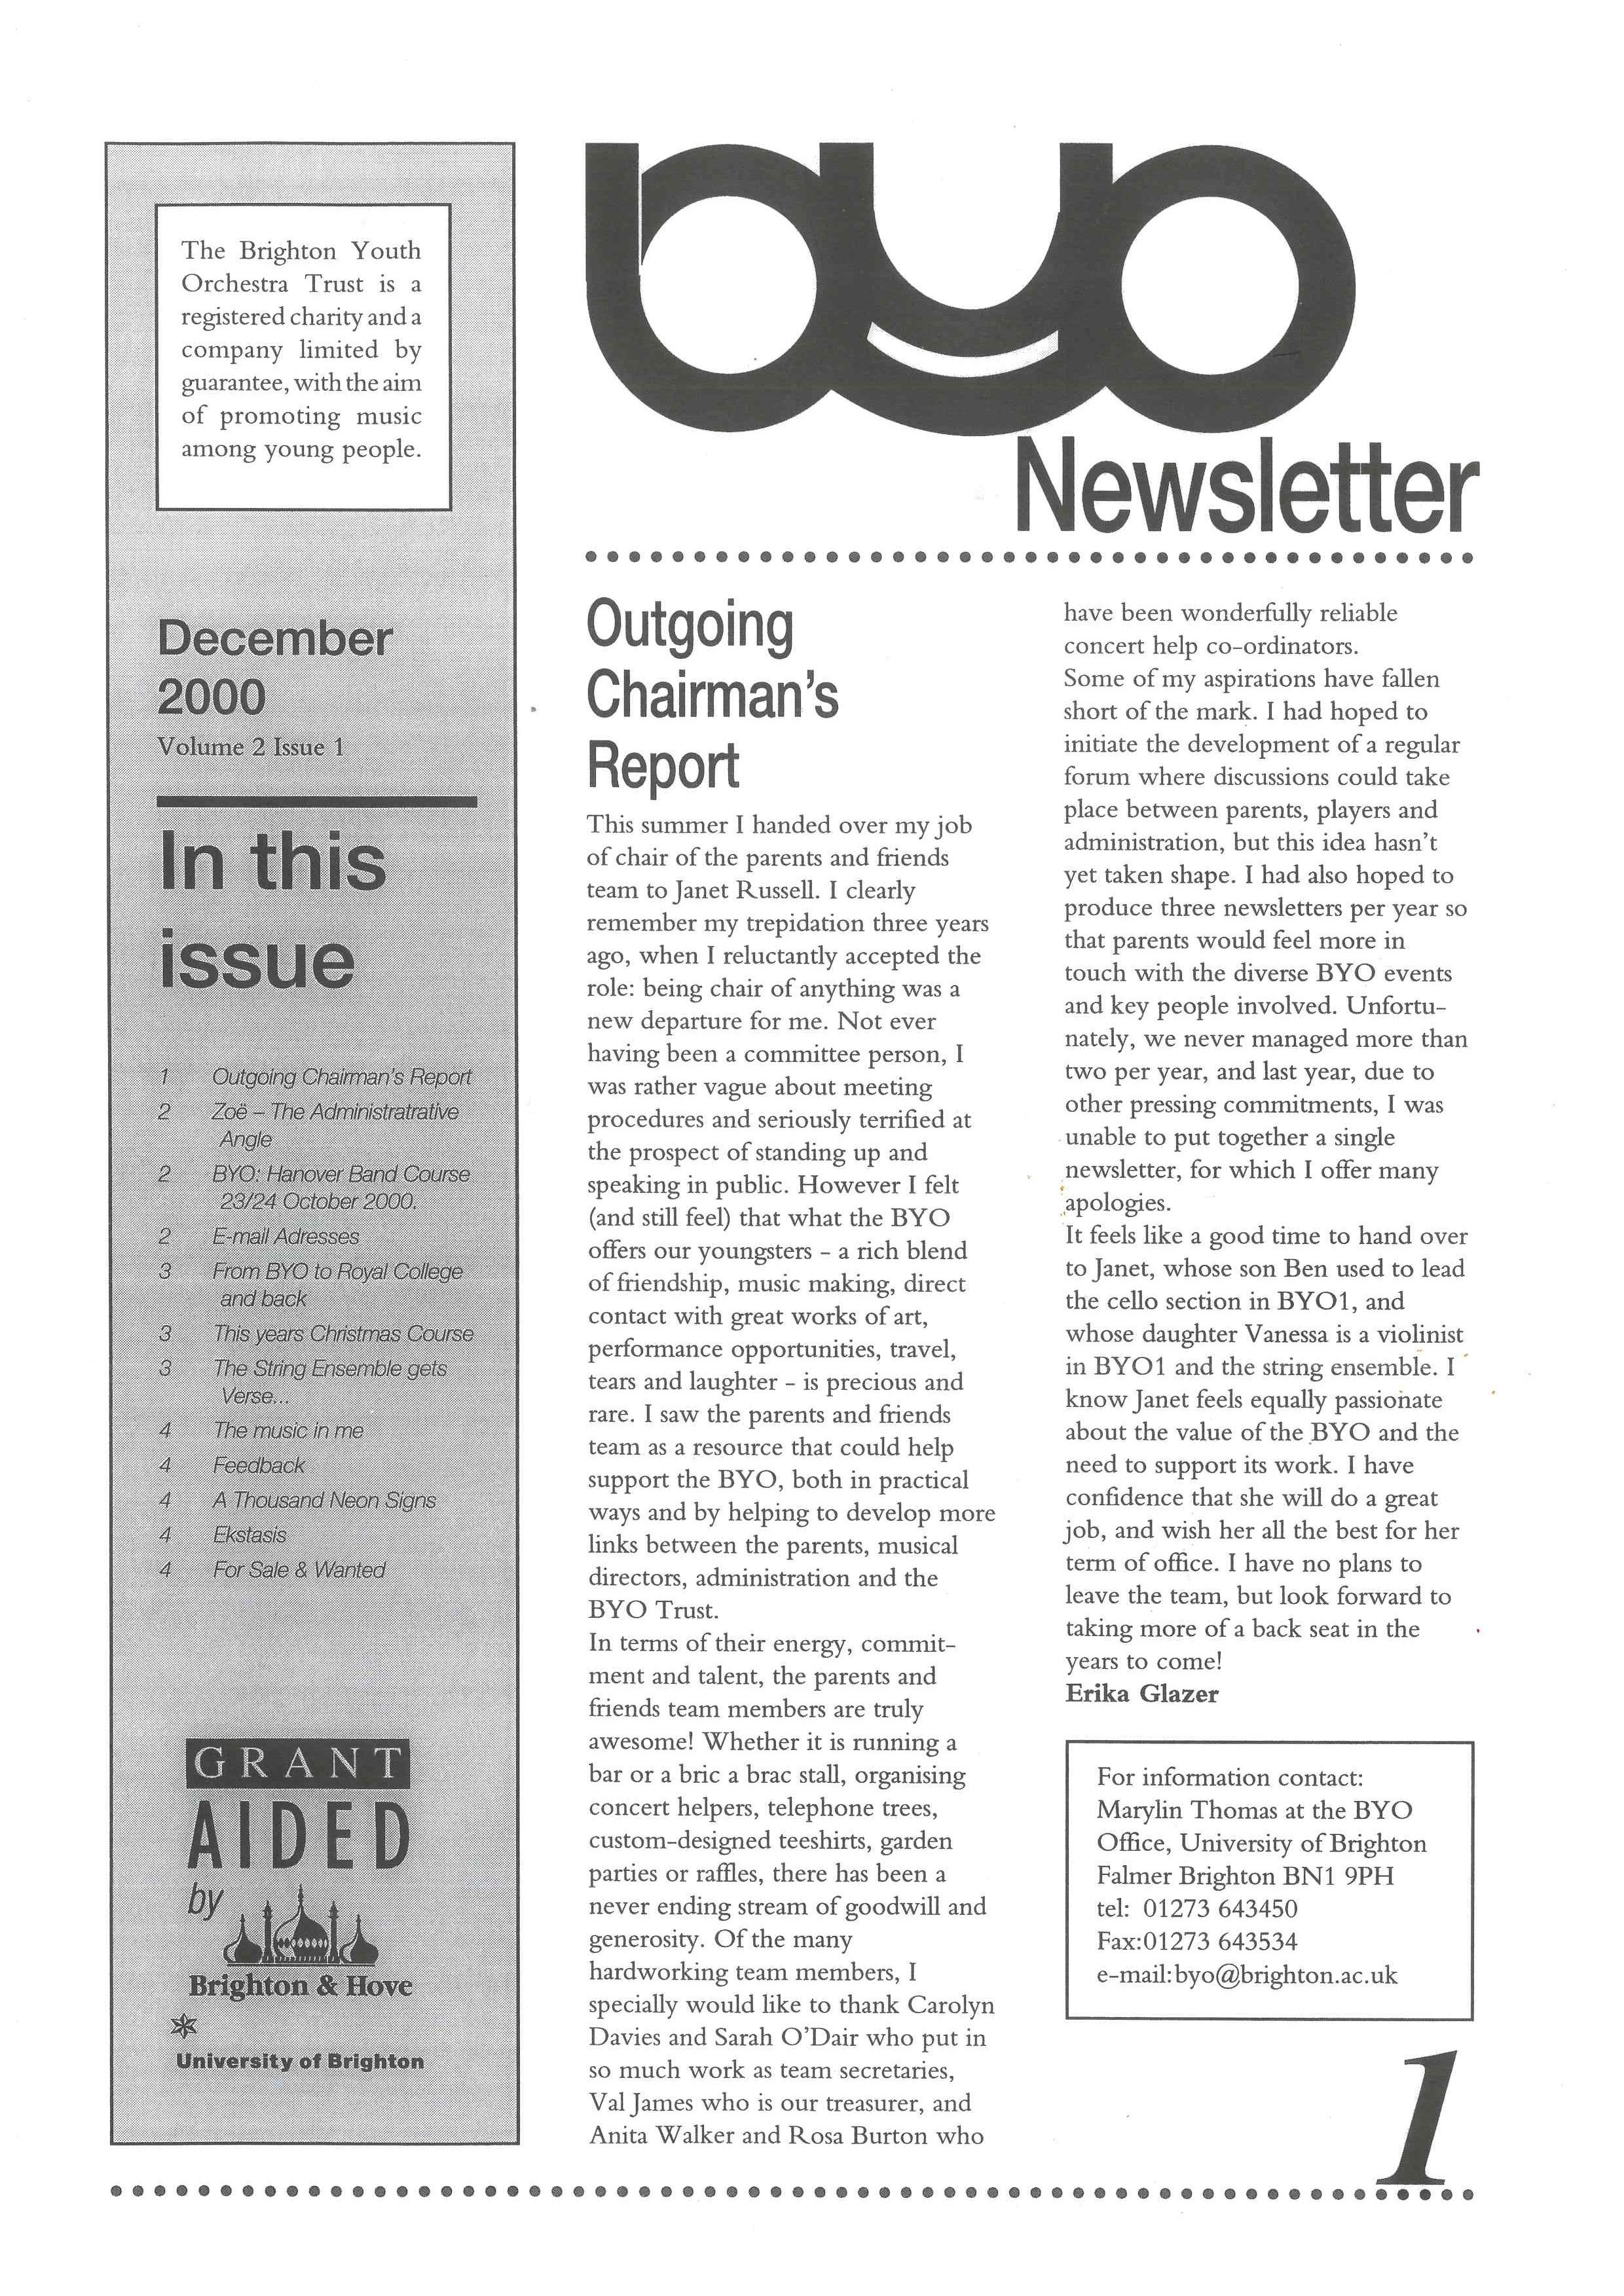 00346-Newsletter December 2000.jpg